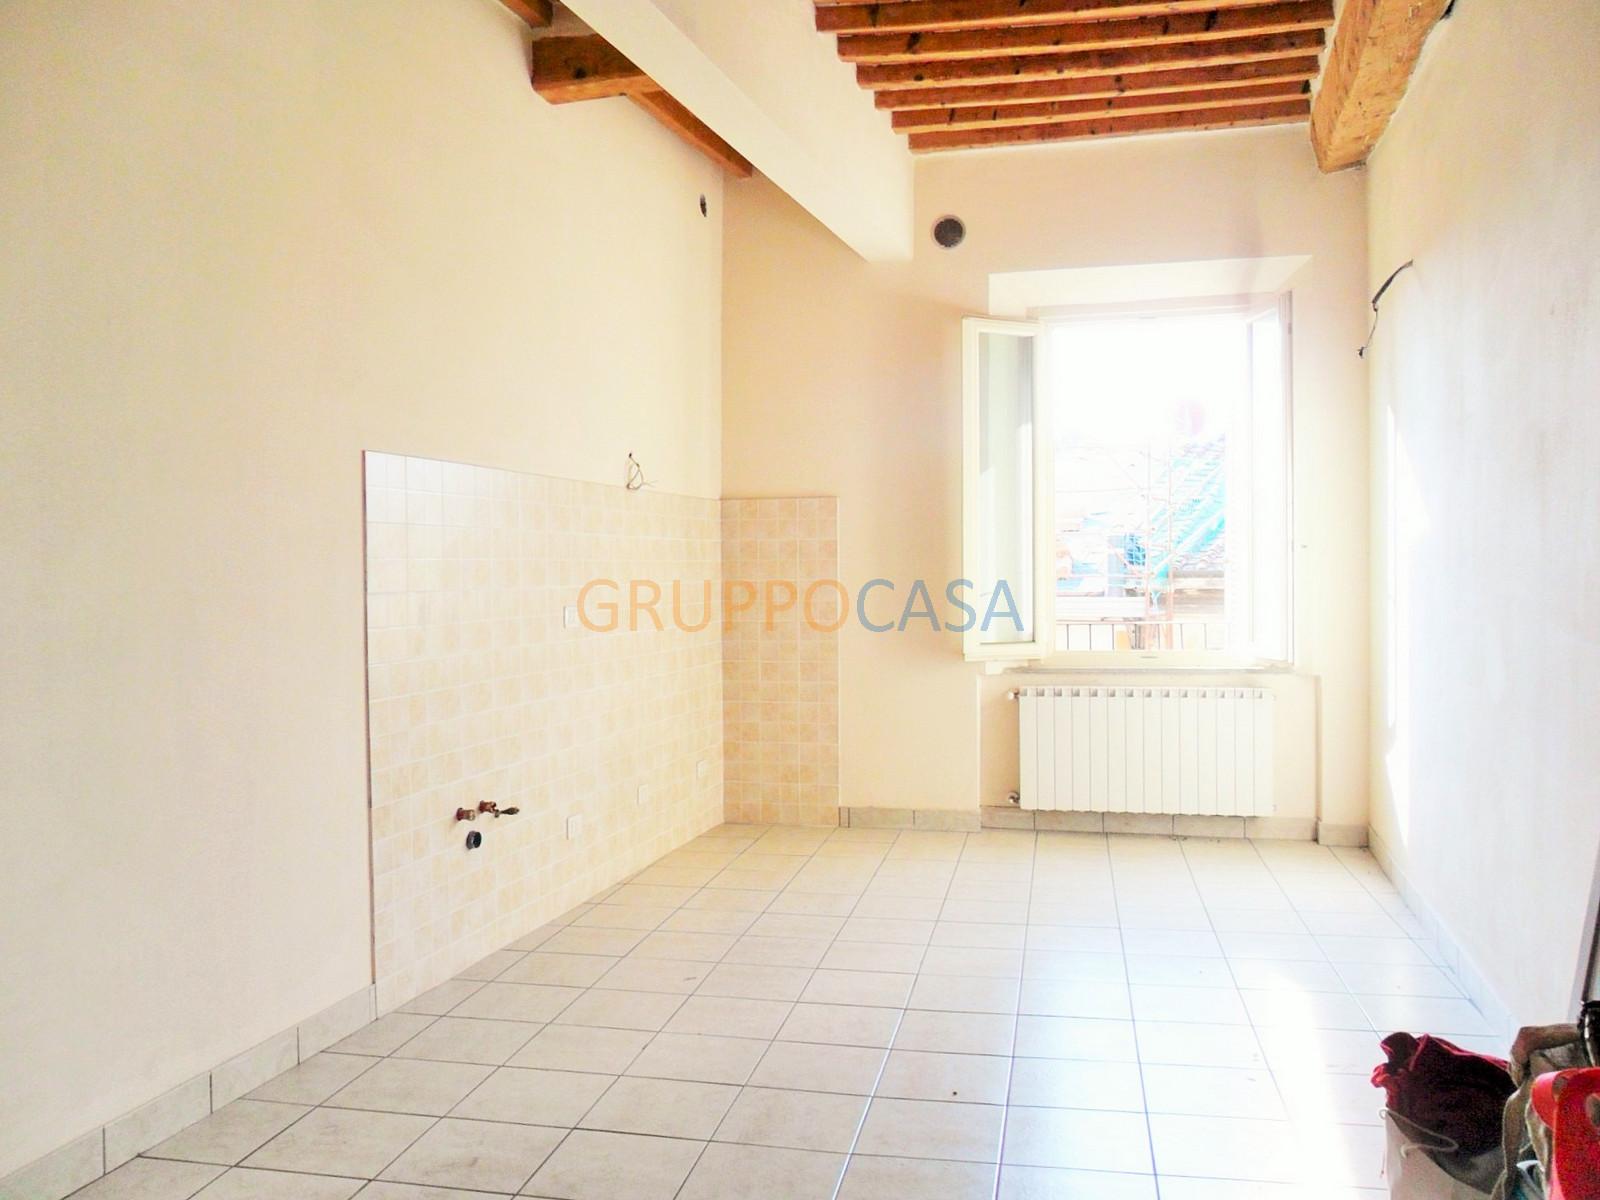 Appartamento in vendita a Buggiano, 3 locali, zona Località: BorgoaBuggiano, prezzo € 118.000 | CambioCasa.it